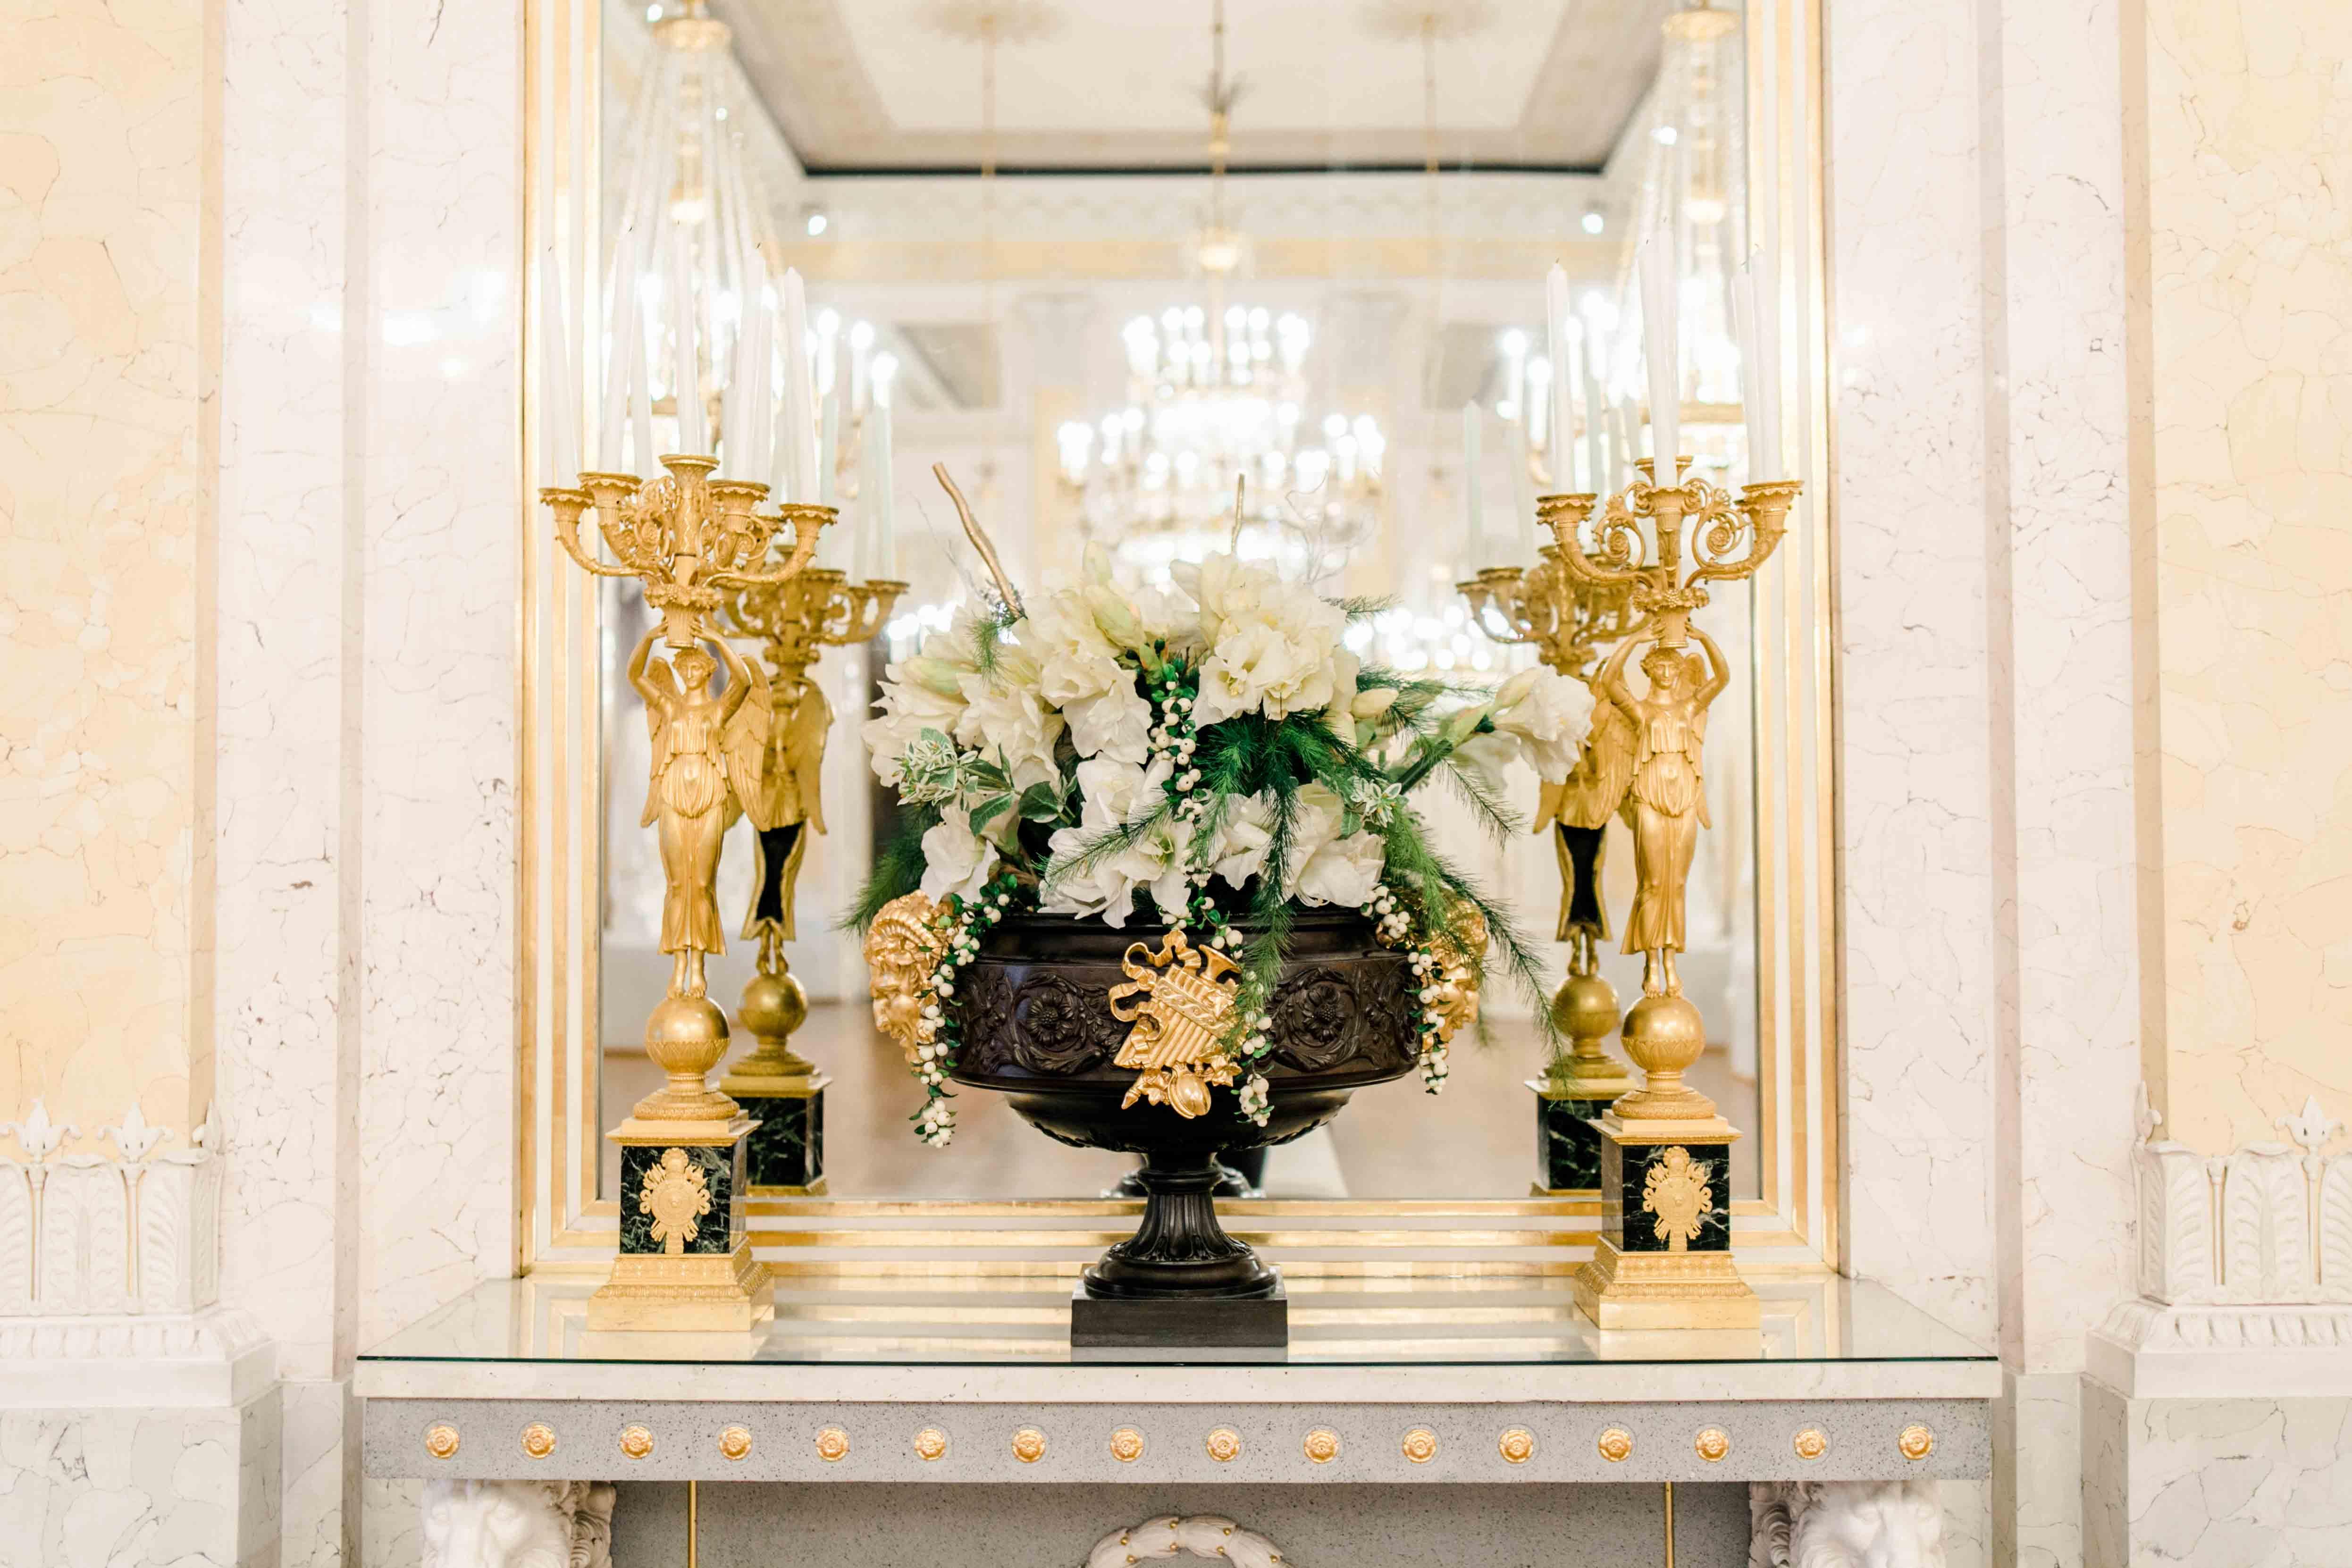 Prinzessinnen Boho Hochzeit Albertina heiraten Wien Hochzeitsfotograf